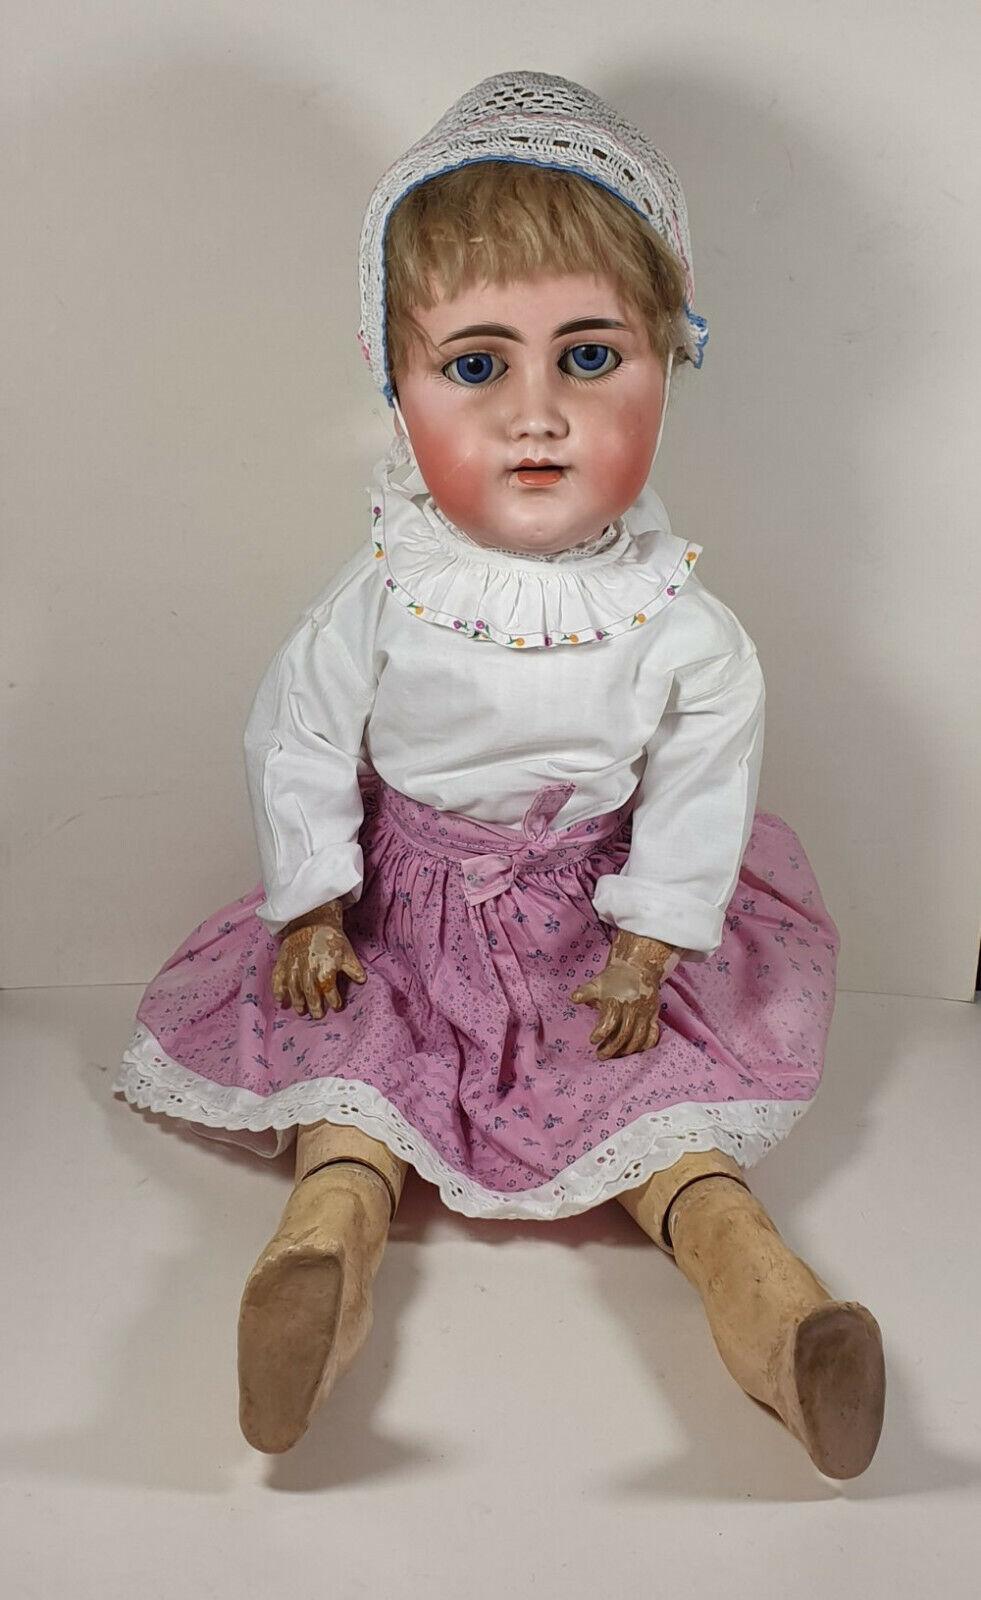 Alte antike Puppe 70 cm groß, Kugelgliedmaße von Kämmer & Reinhardt